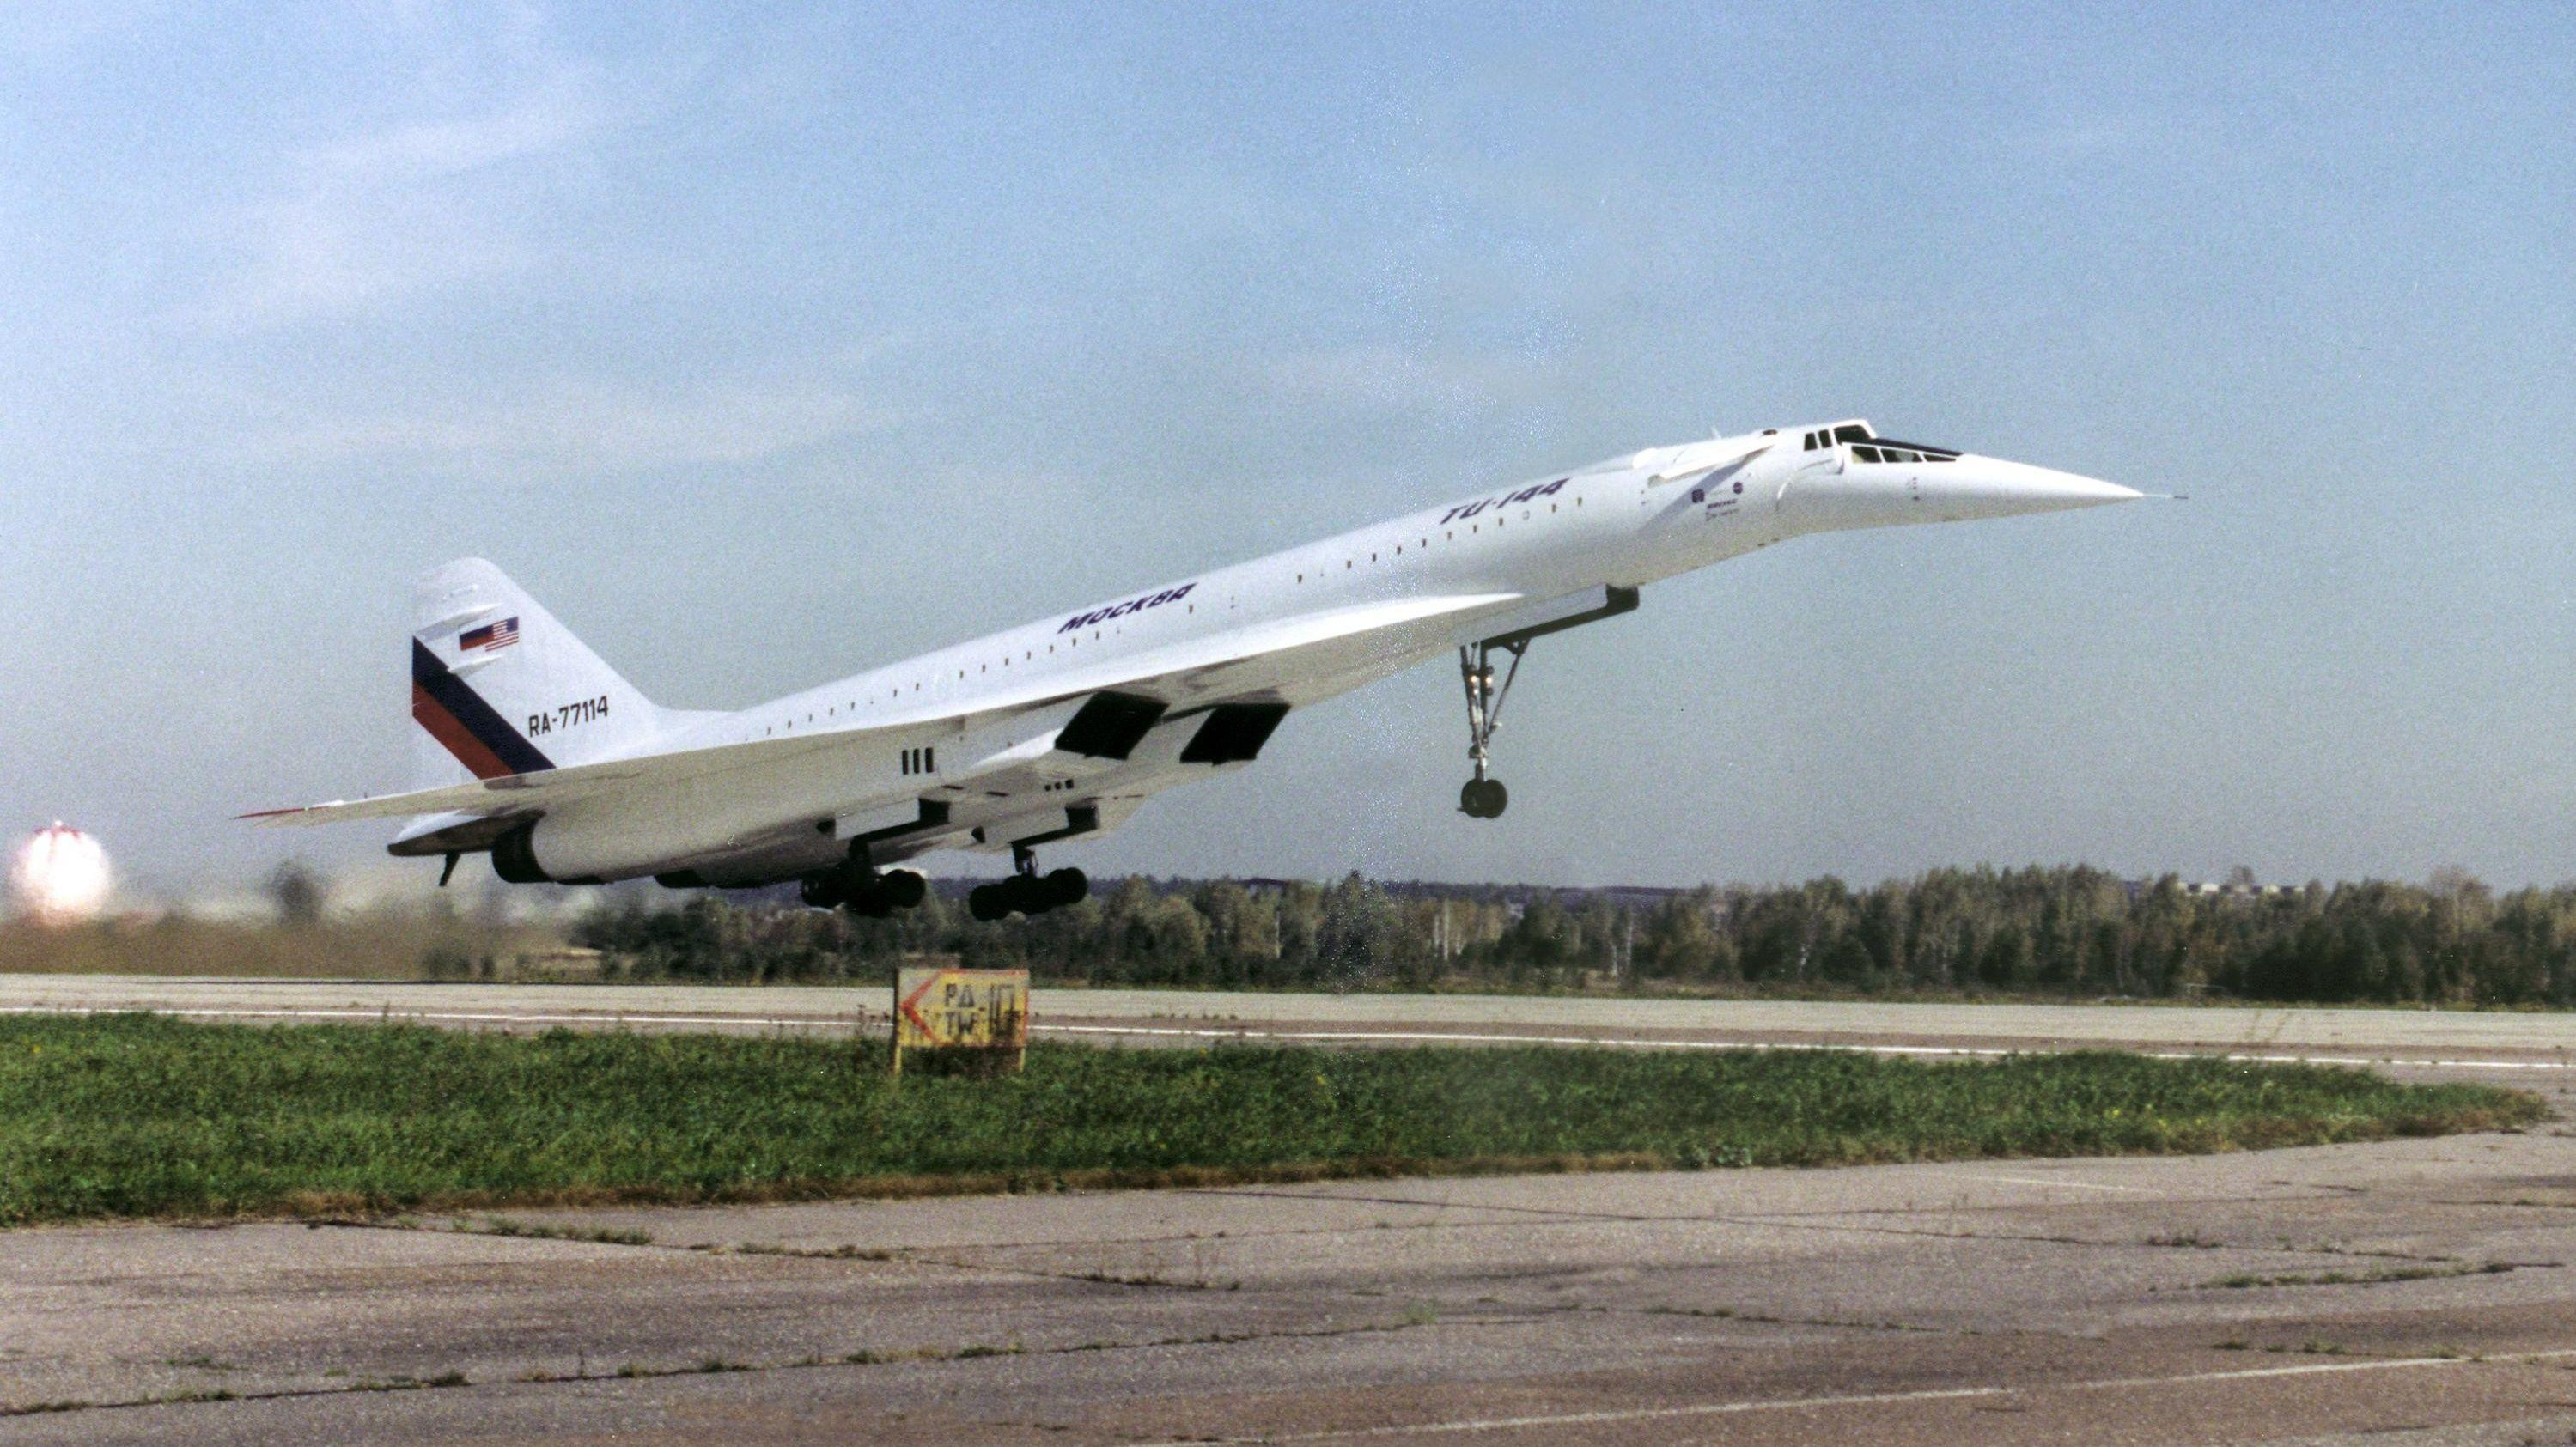 FIASKO: Tu-144 produserte bare 55 passasjerflyginger før hele det sovjetiske supersoniske programmet ble kansellert i 1983. Til sammenligning skulle Concorde fortsatt fly i 20 år og frakte rundt tre millioner passasjerer over Atlanteren.